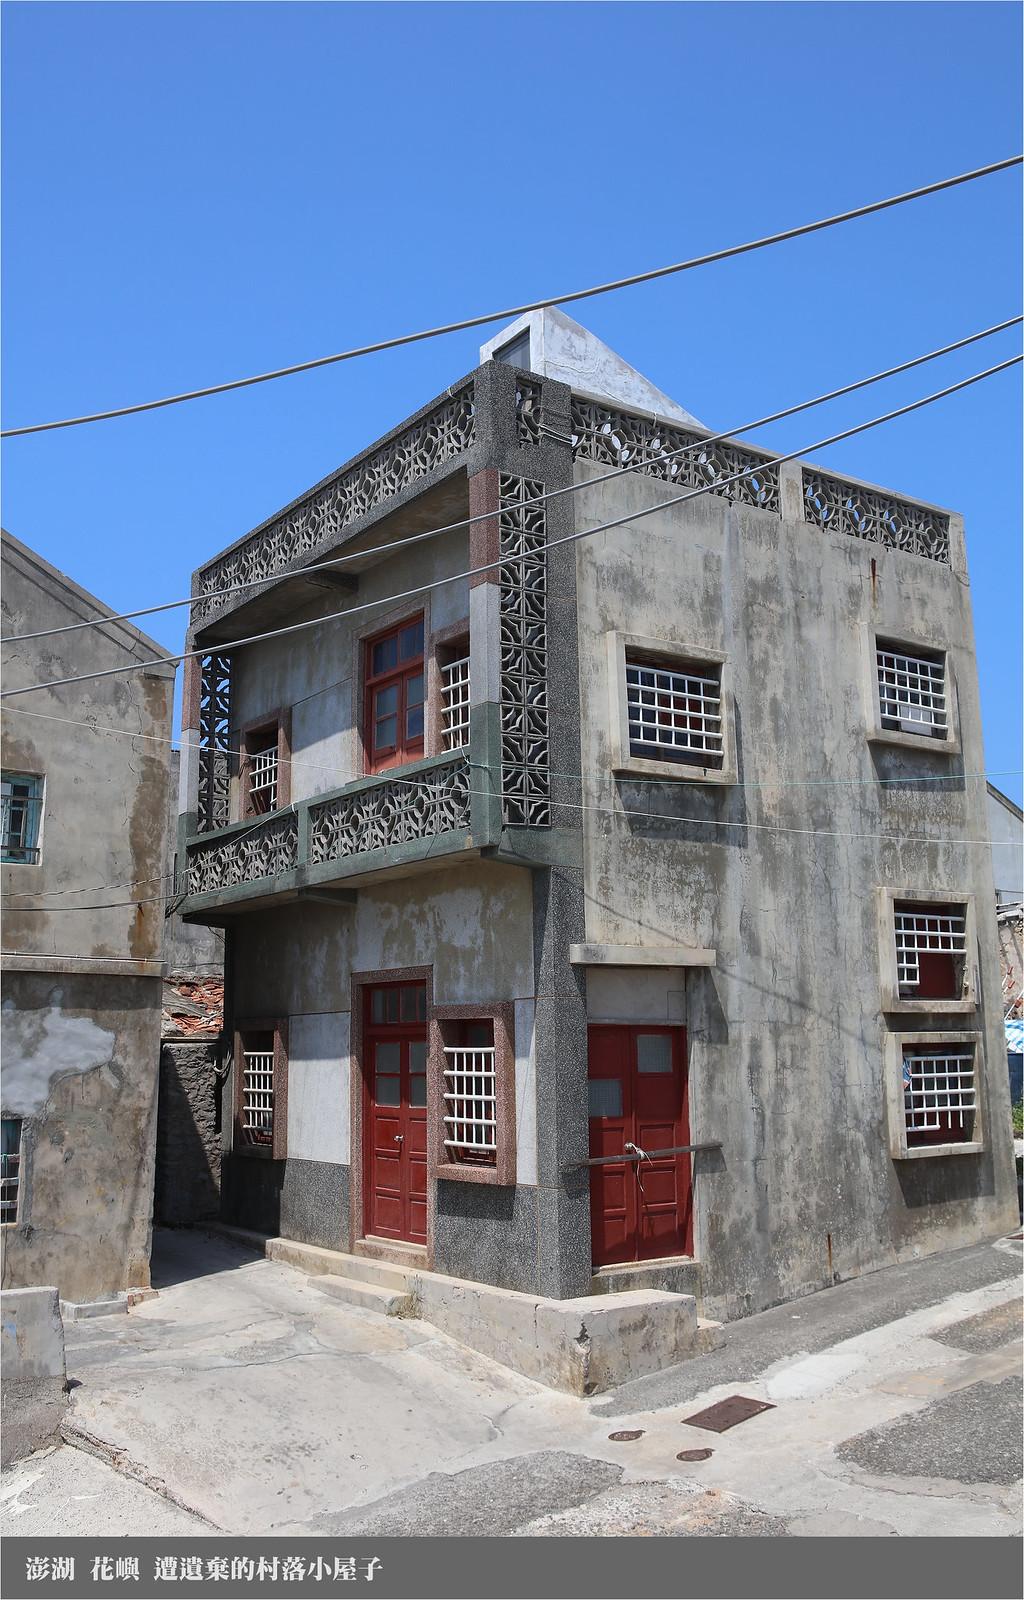 花嶼 遭遺棄的小屋子